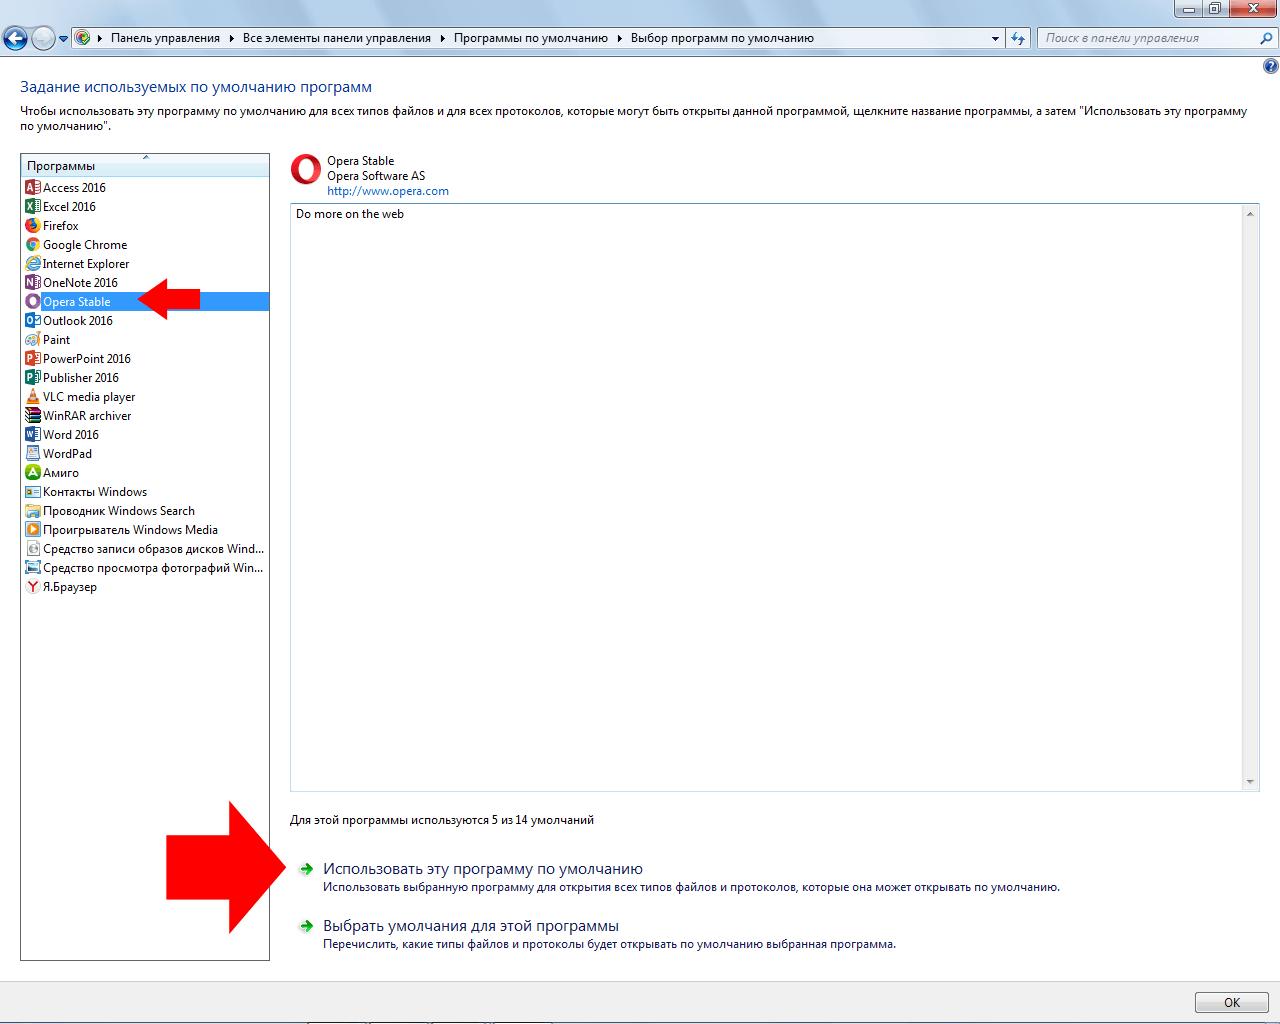 Как в windows 8.1 сделать браузер по умолчанию8